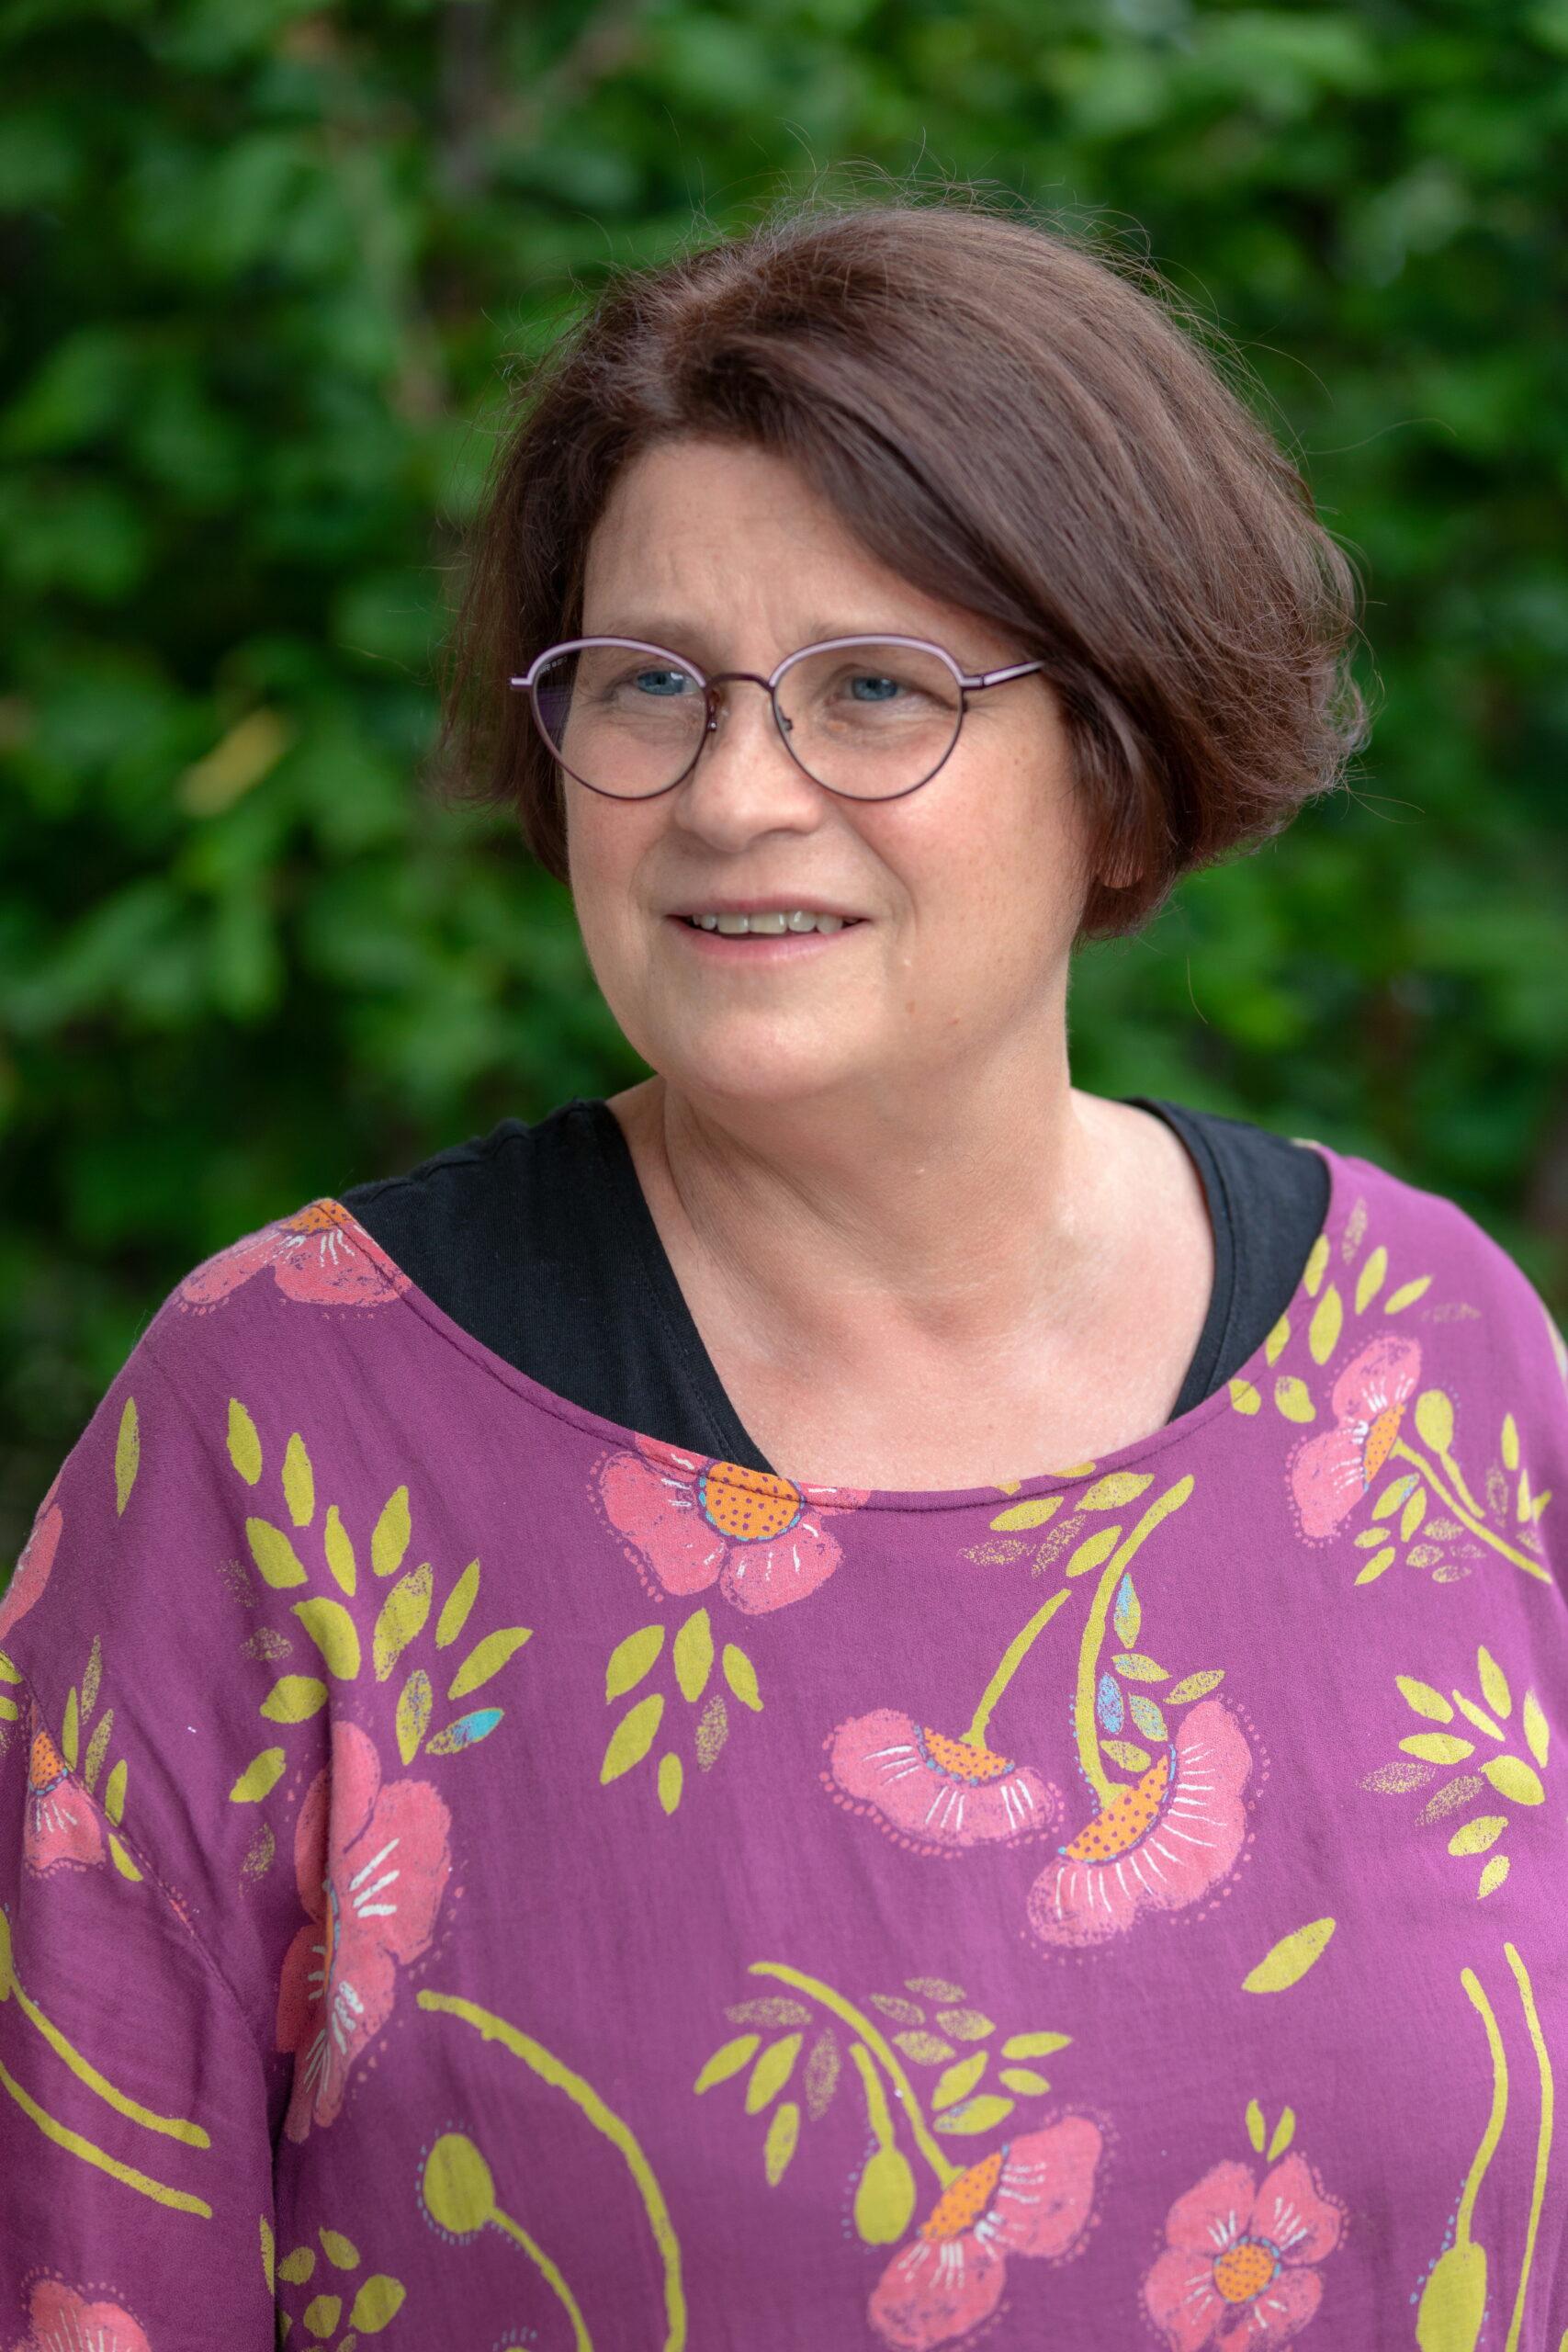 Susanne Konrad